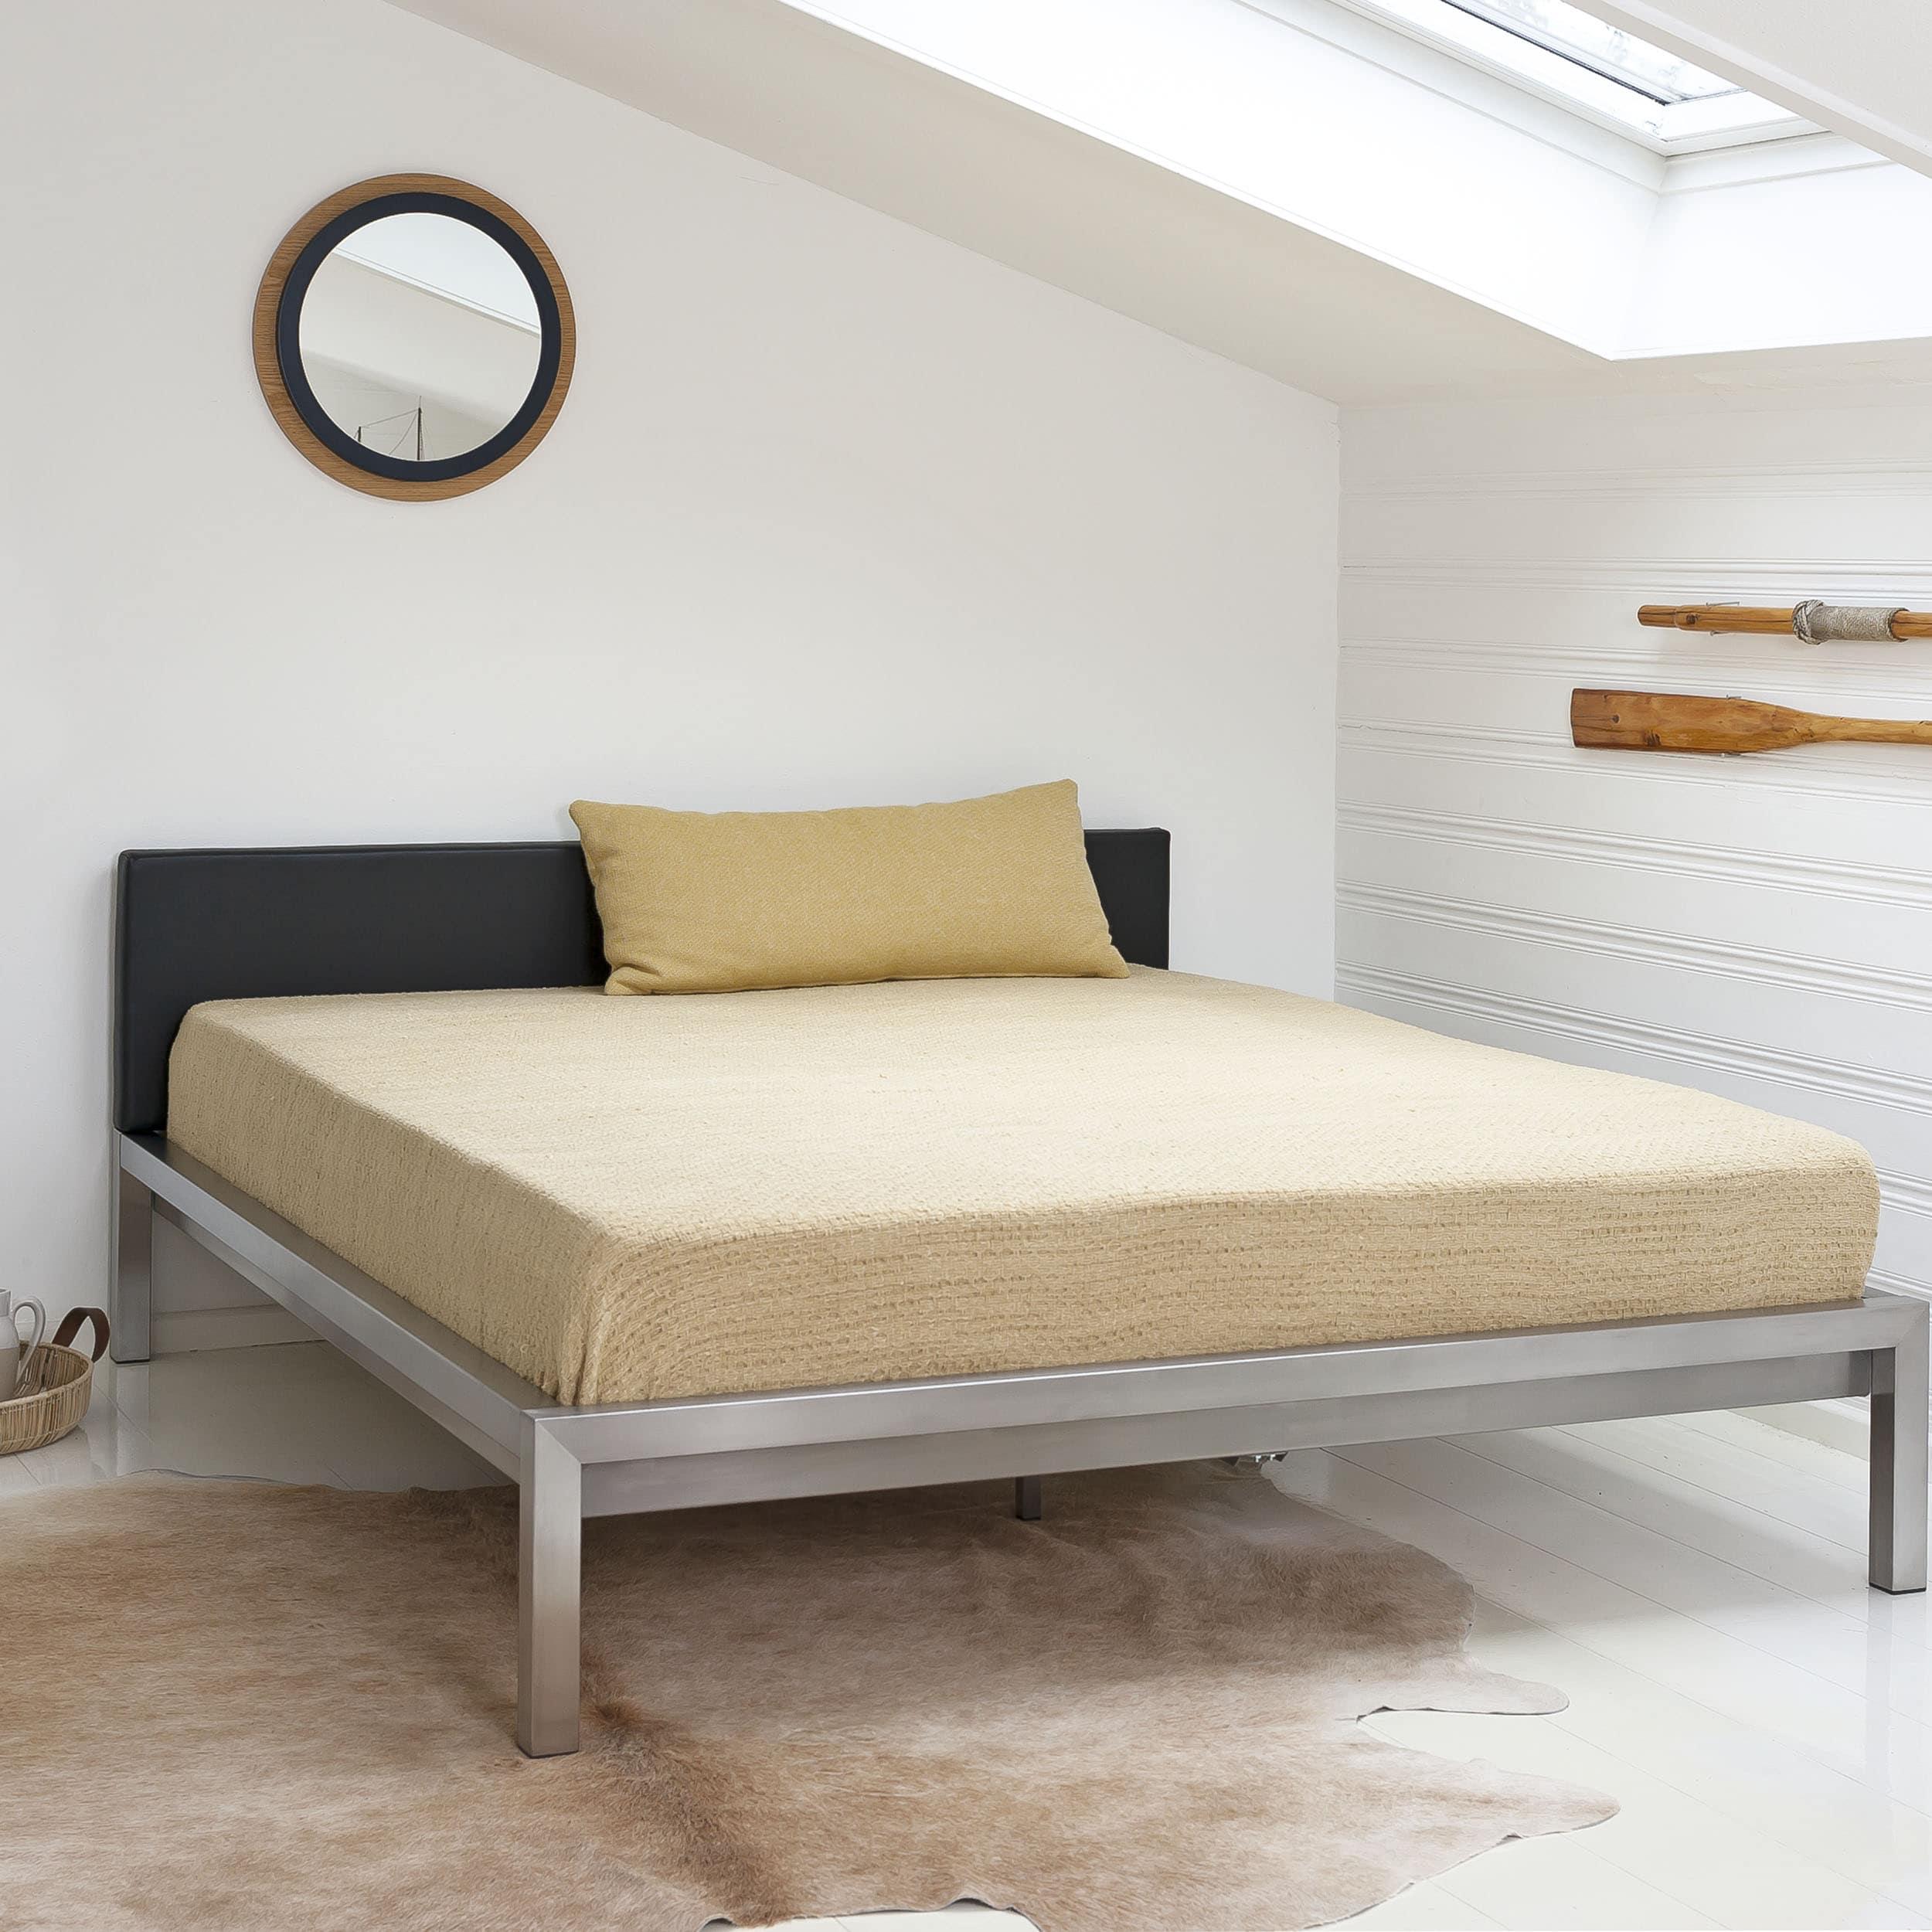 Pure Bett mit gepolstertem Kopfteil